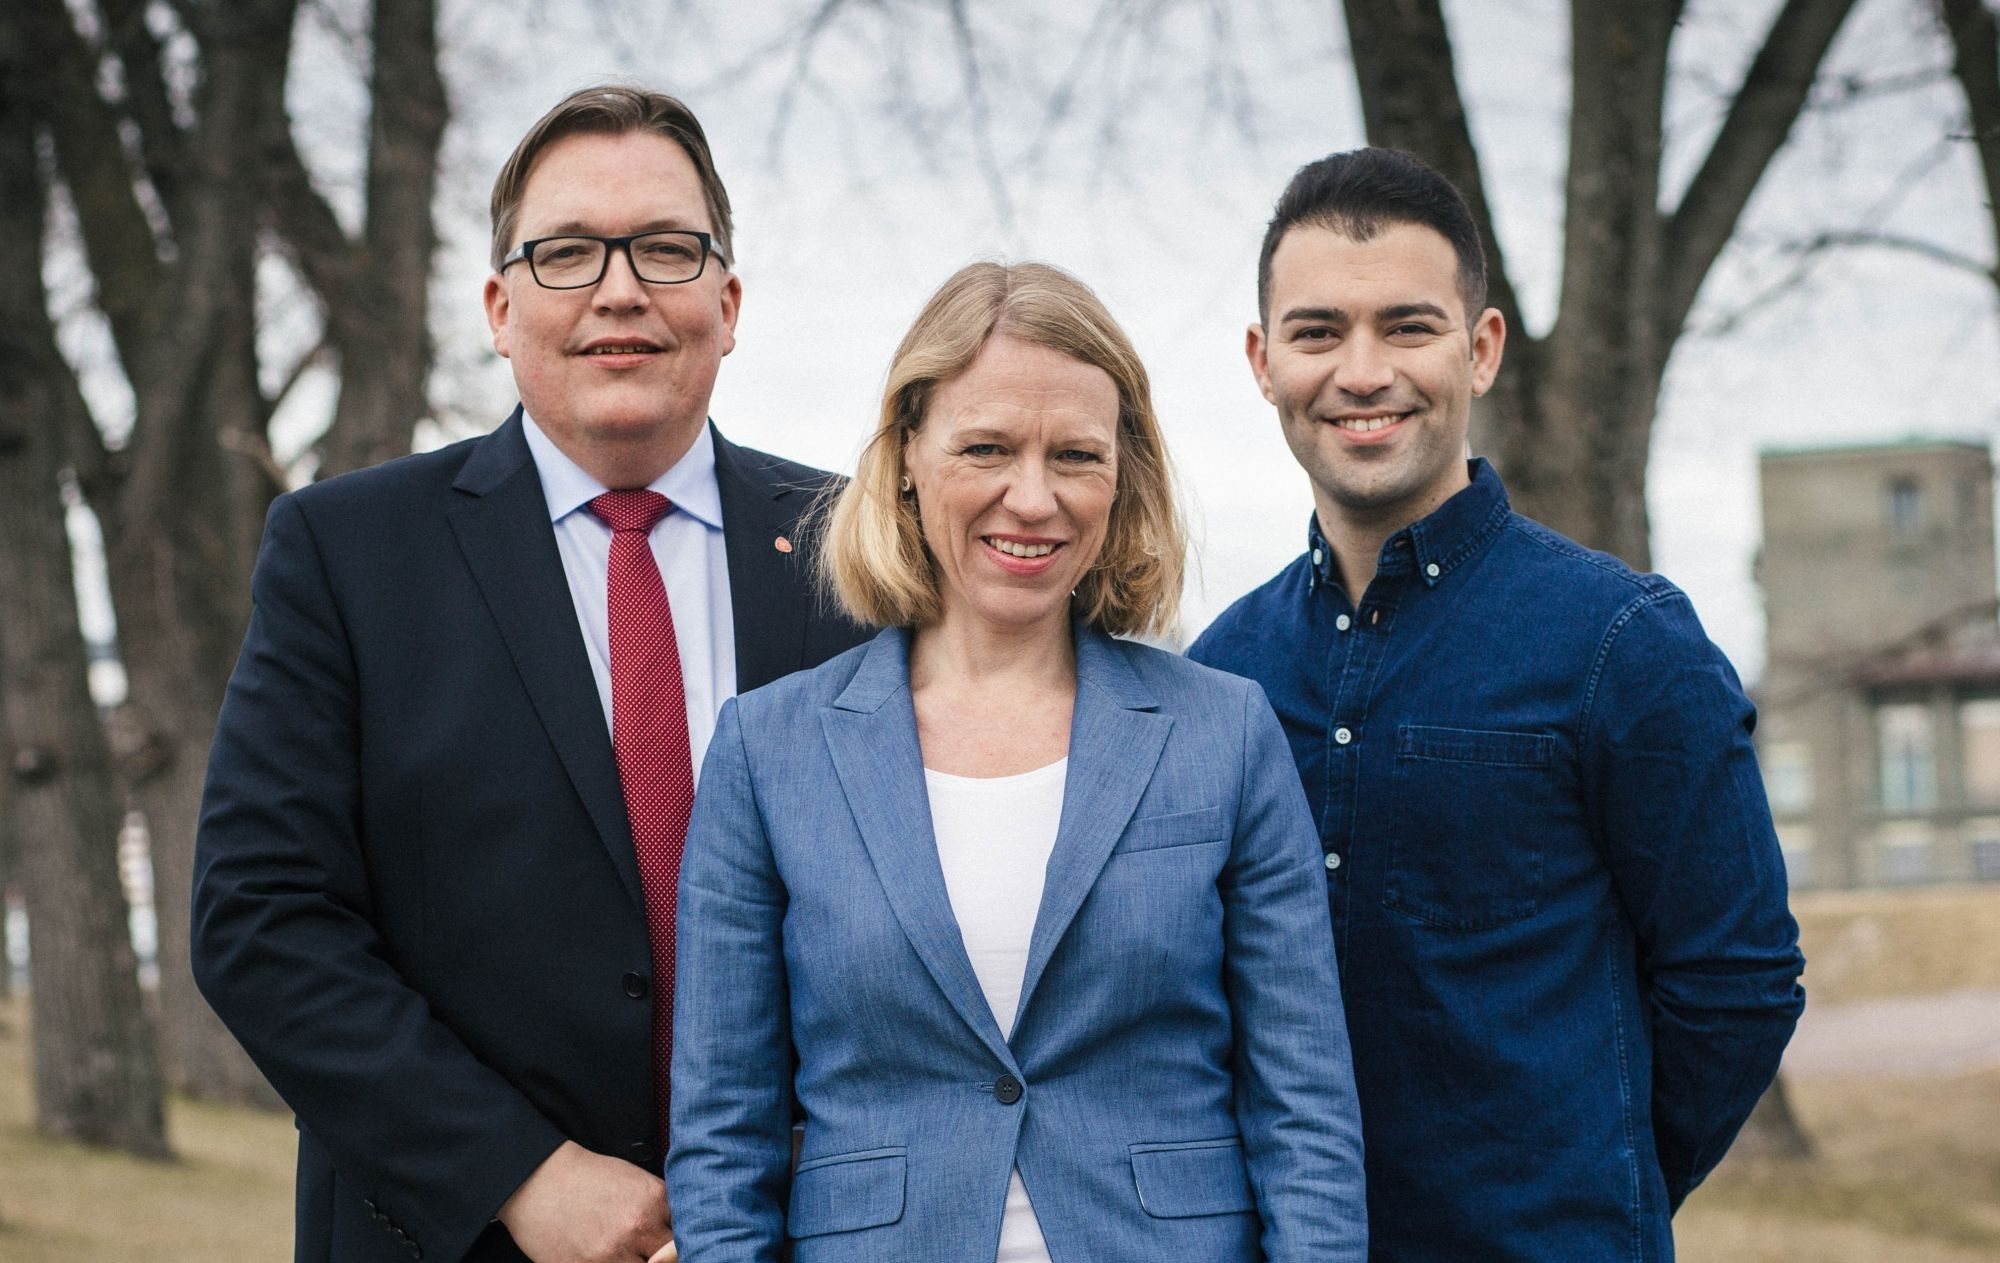 Akershus Arbeiderpartis stortingskandidater vil satse skole, helse og eldre framfor skattekutt